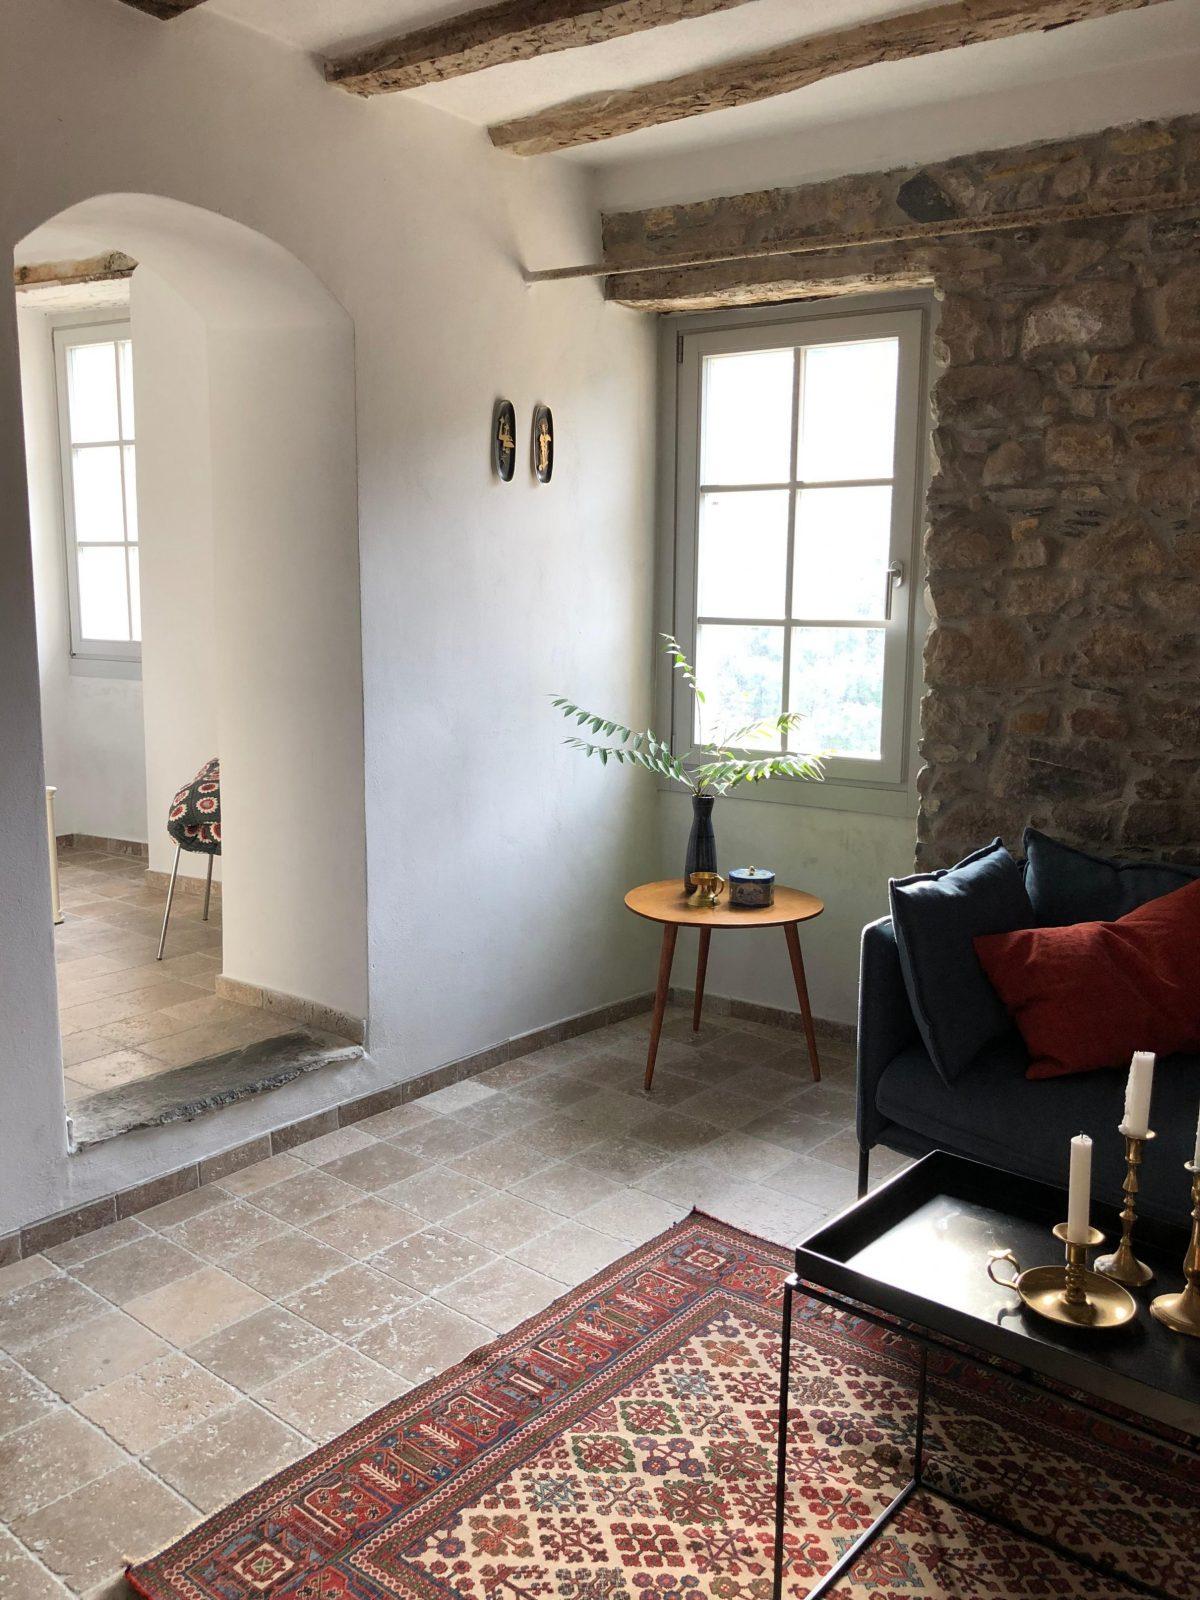 Renovieren Leicht Gemacht – Tolle Wohnideen Und Tipps Zum Renovieren von Wohnzimmer Renovieren Ideen Bilder Photo